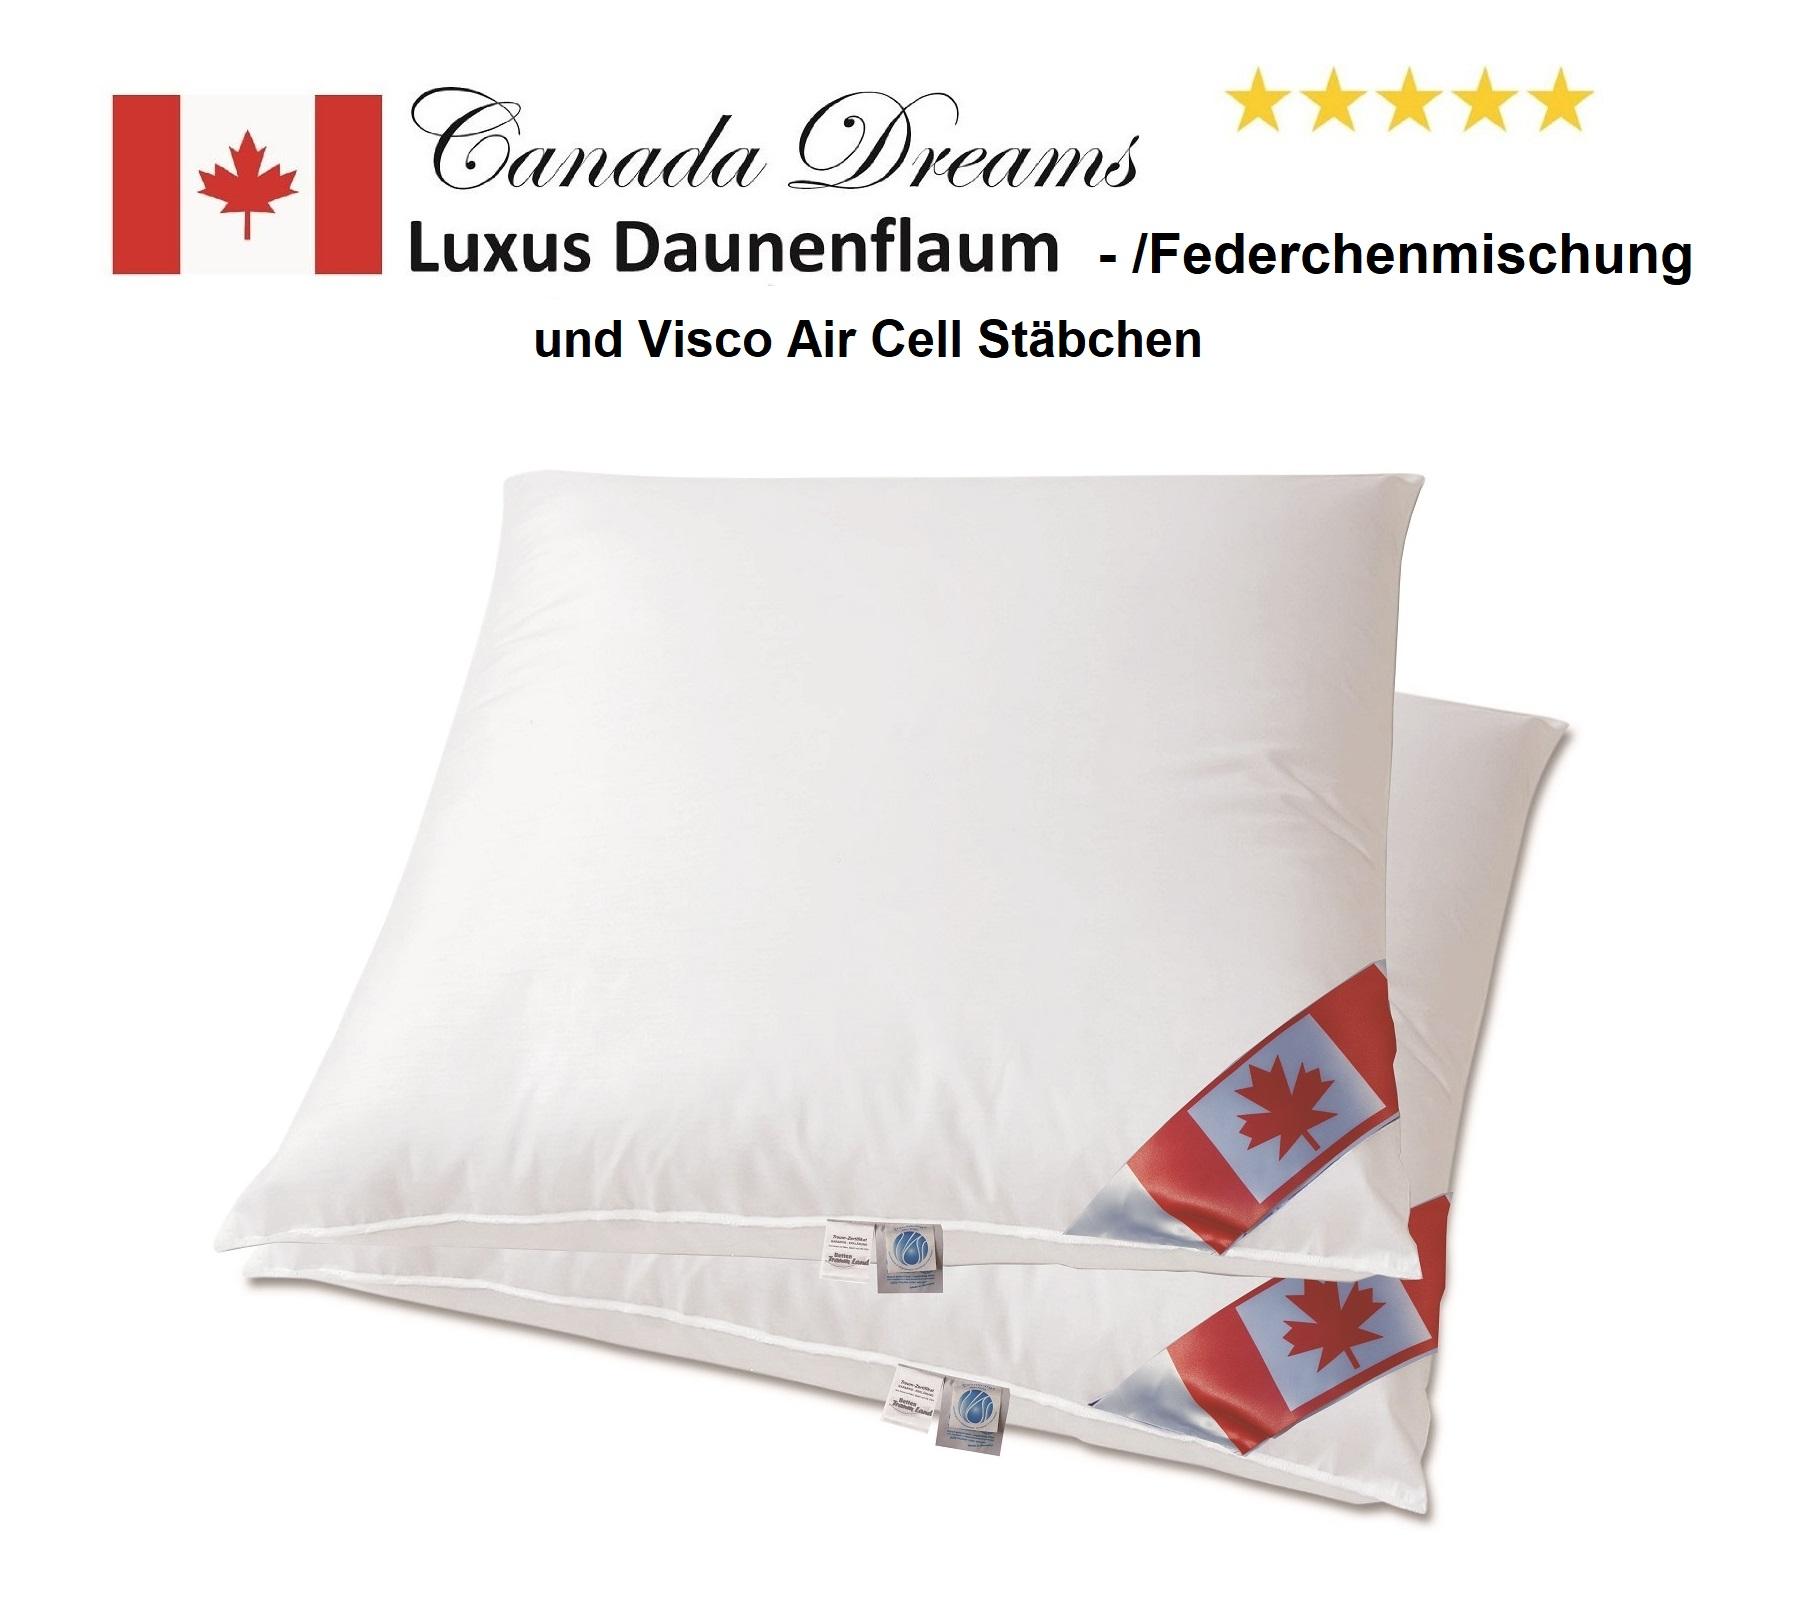 Set Angebot 2 Air Cell Pure Classic Kissen 80x80 cm 900 g 80% Federn/Daune 20% Air Cell